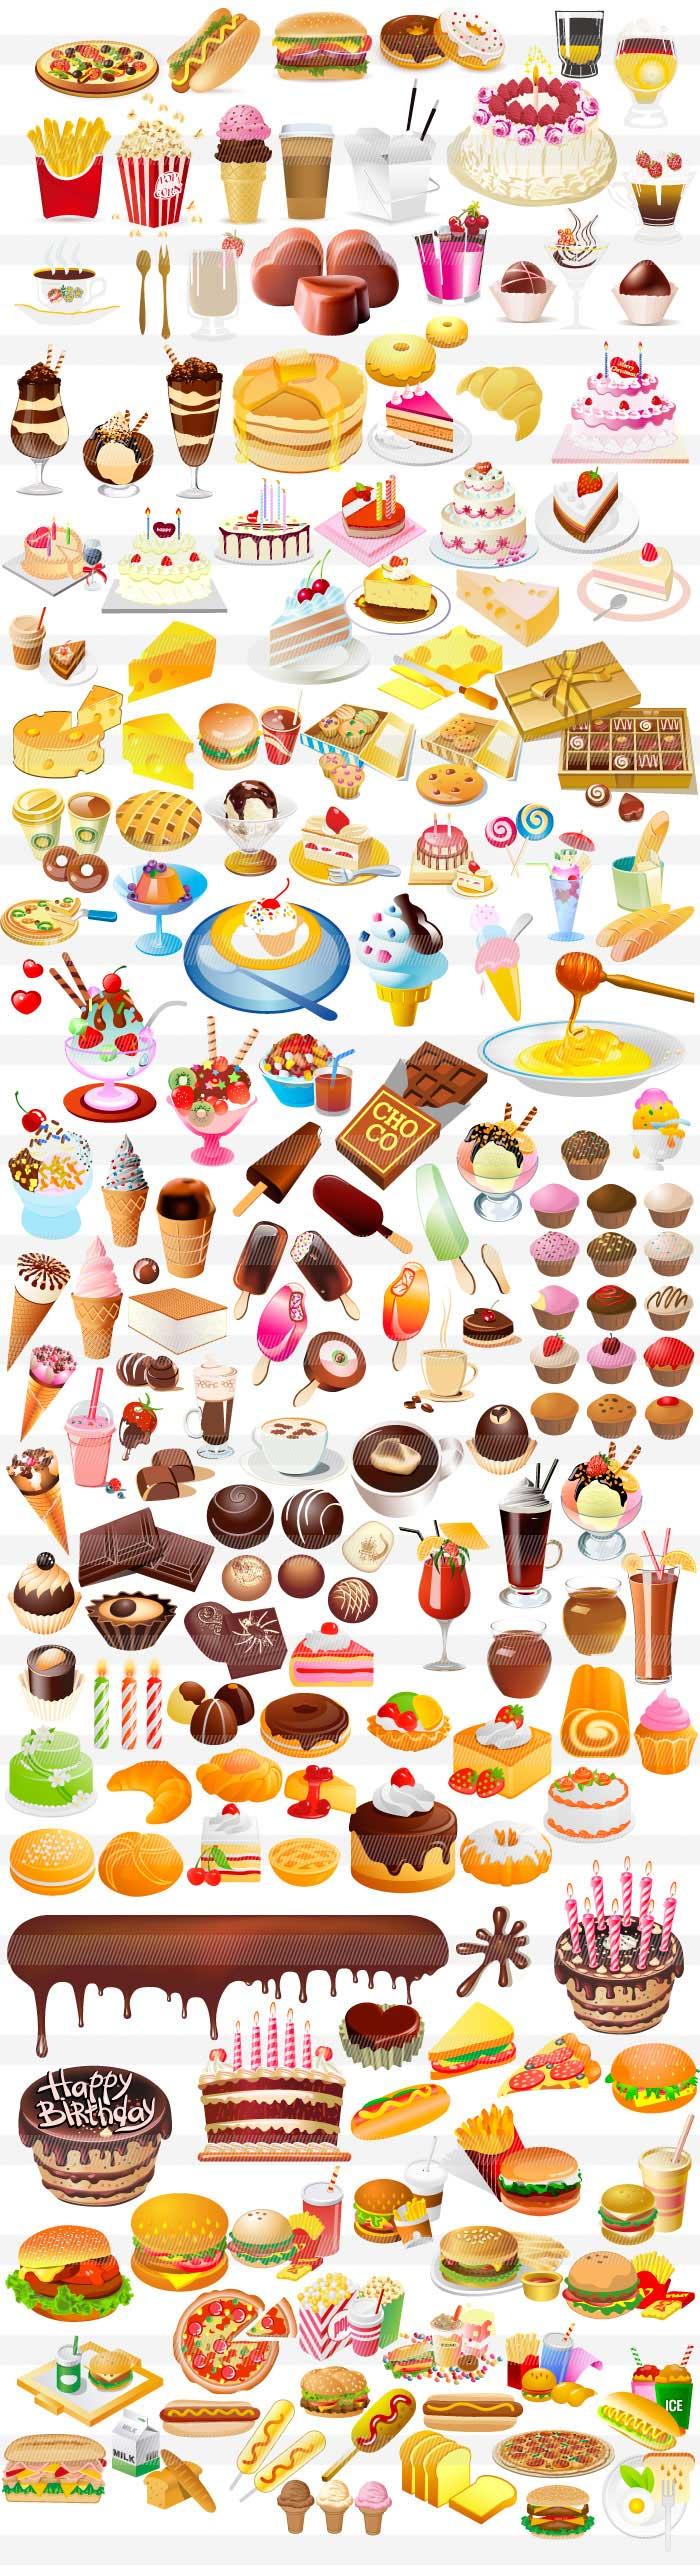 お菓子・デザート・ケーキのイラスト